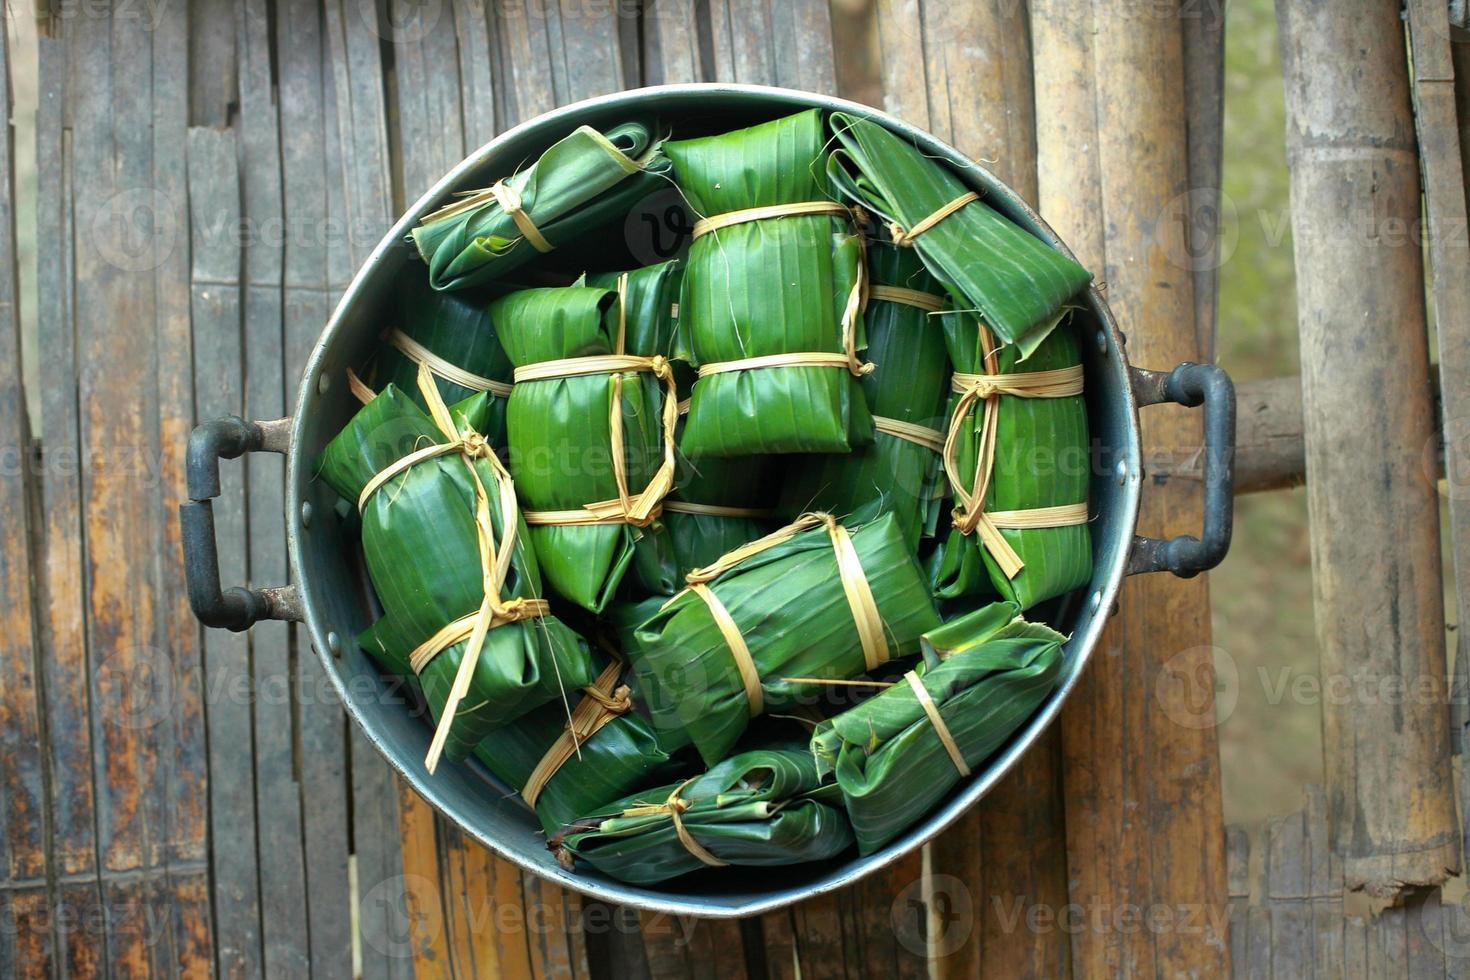 sobremesa tailandesa envolto em folhas de bananeira foto